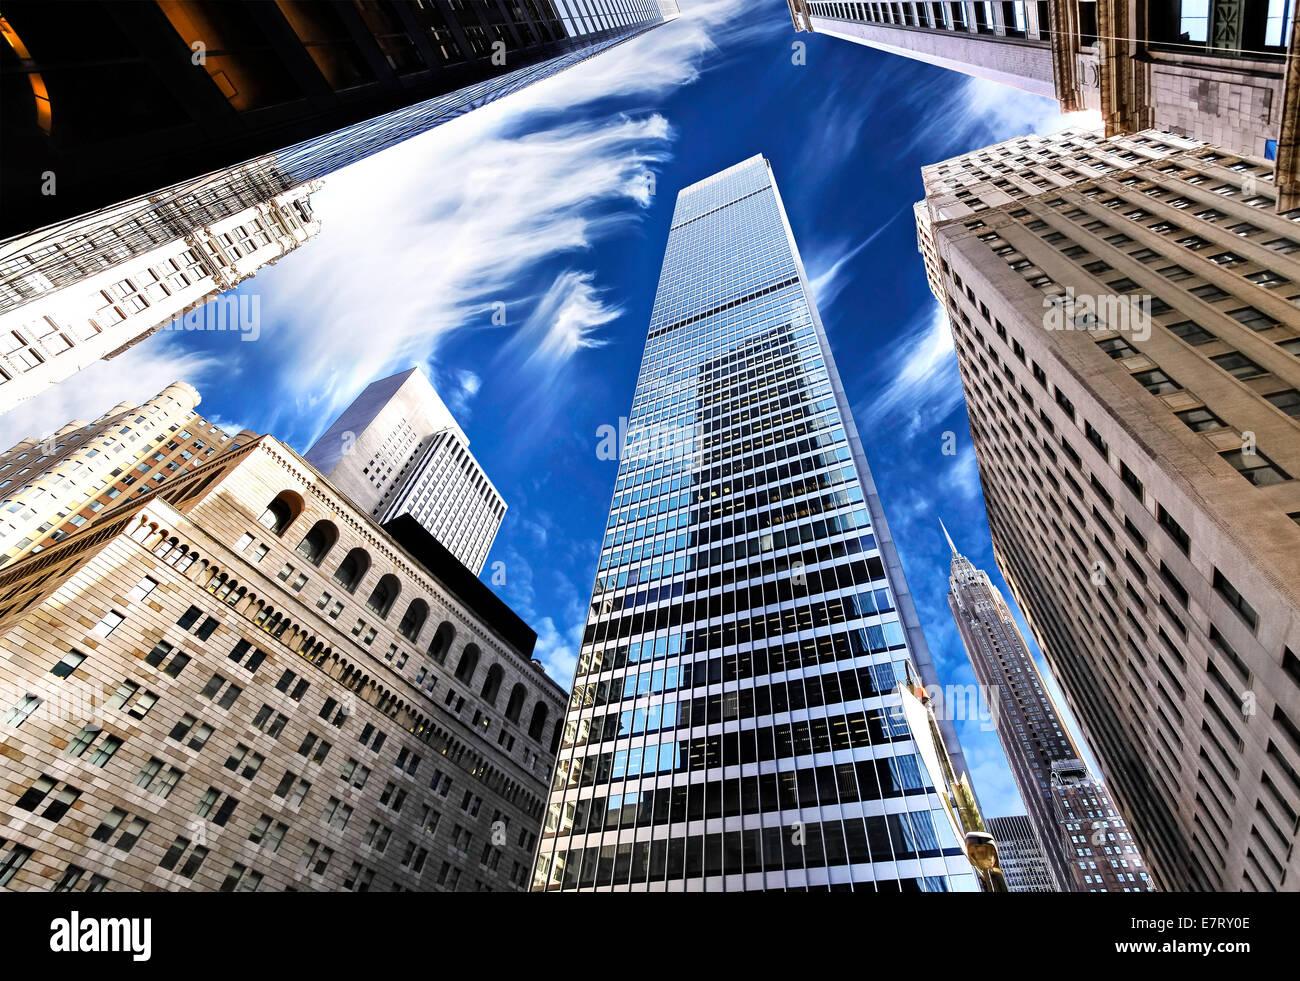 Grattacieli di Manhattan, guardando il cielo di New York City. Immagini Stock